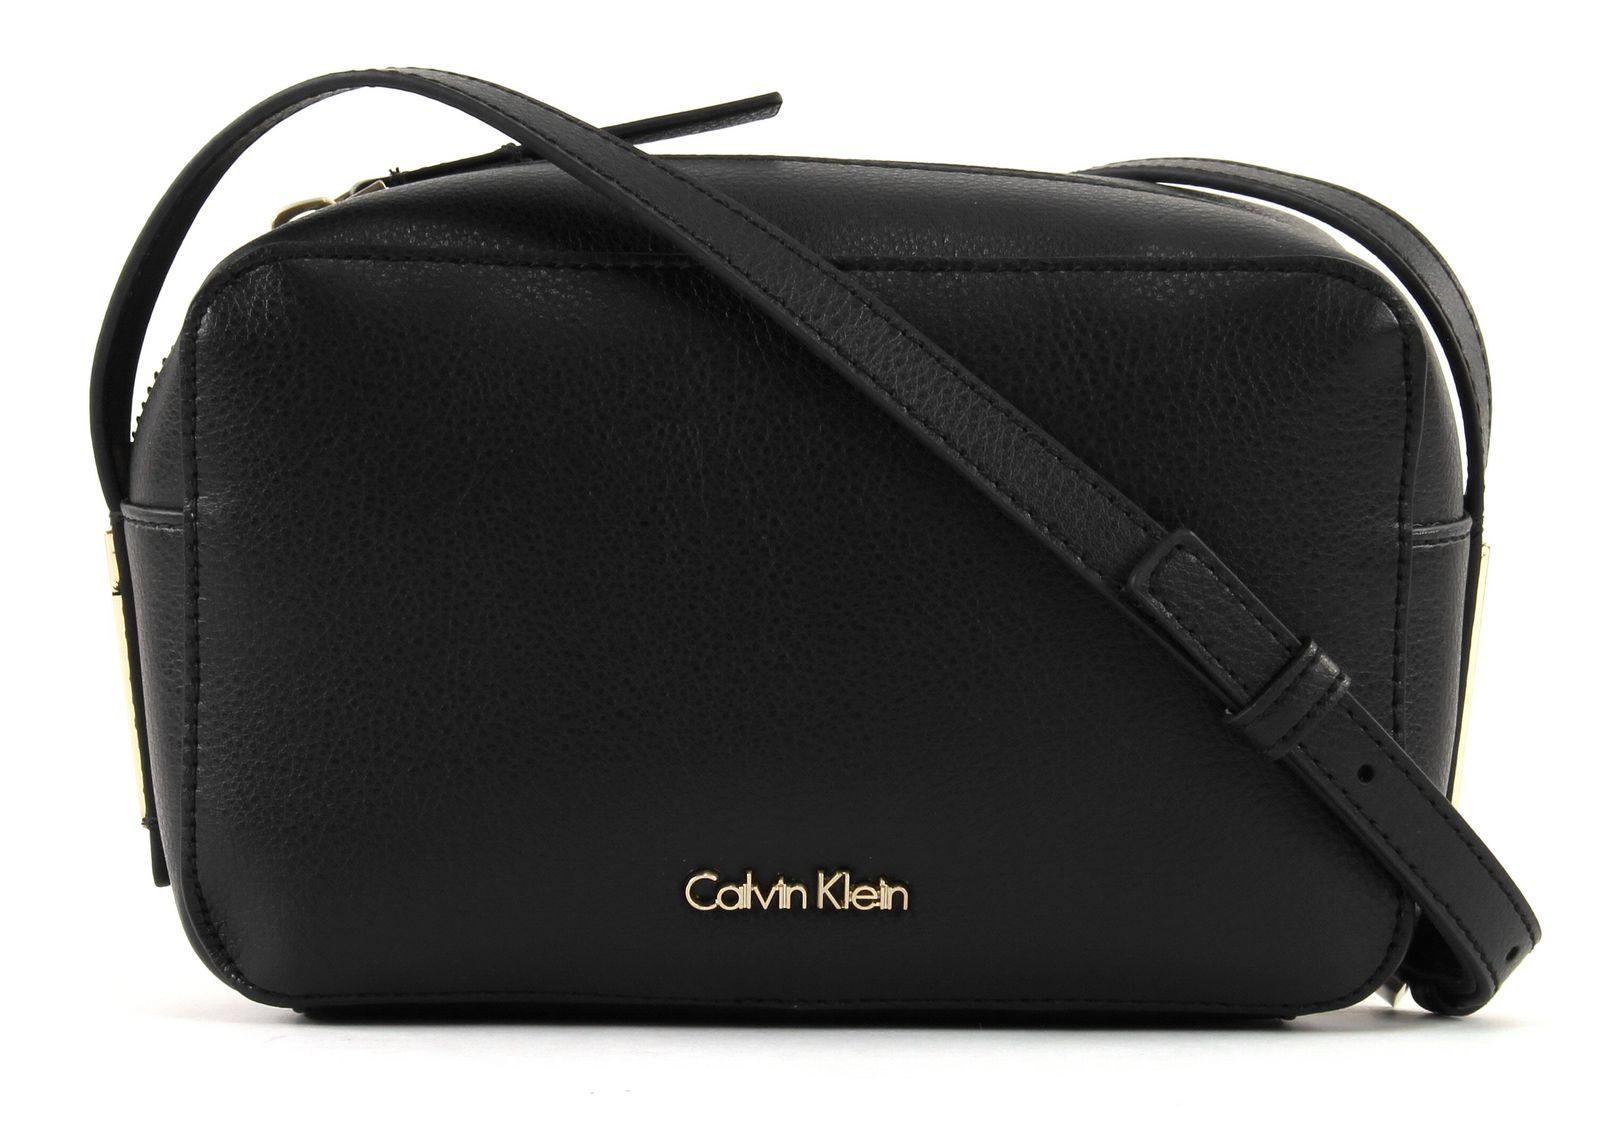 14f88699a4512 Calvin Klein Frame Camera Bag Umhängetasche Abendtasche Tasche Black ...